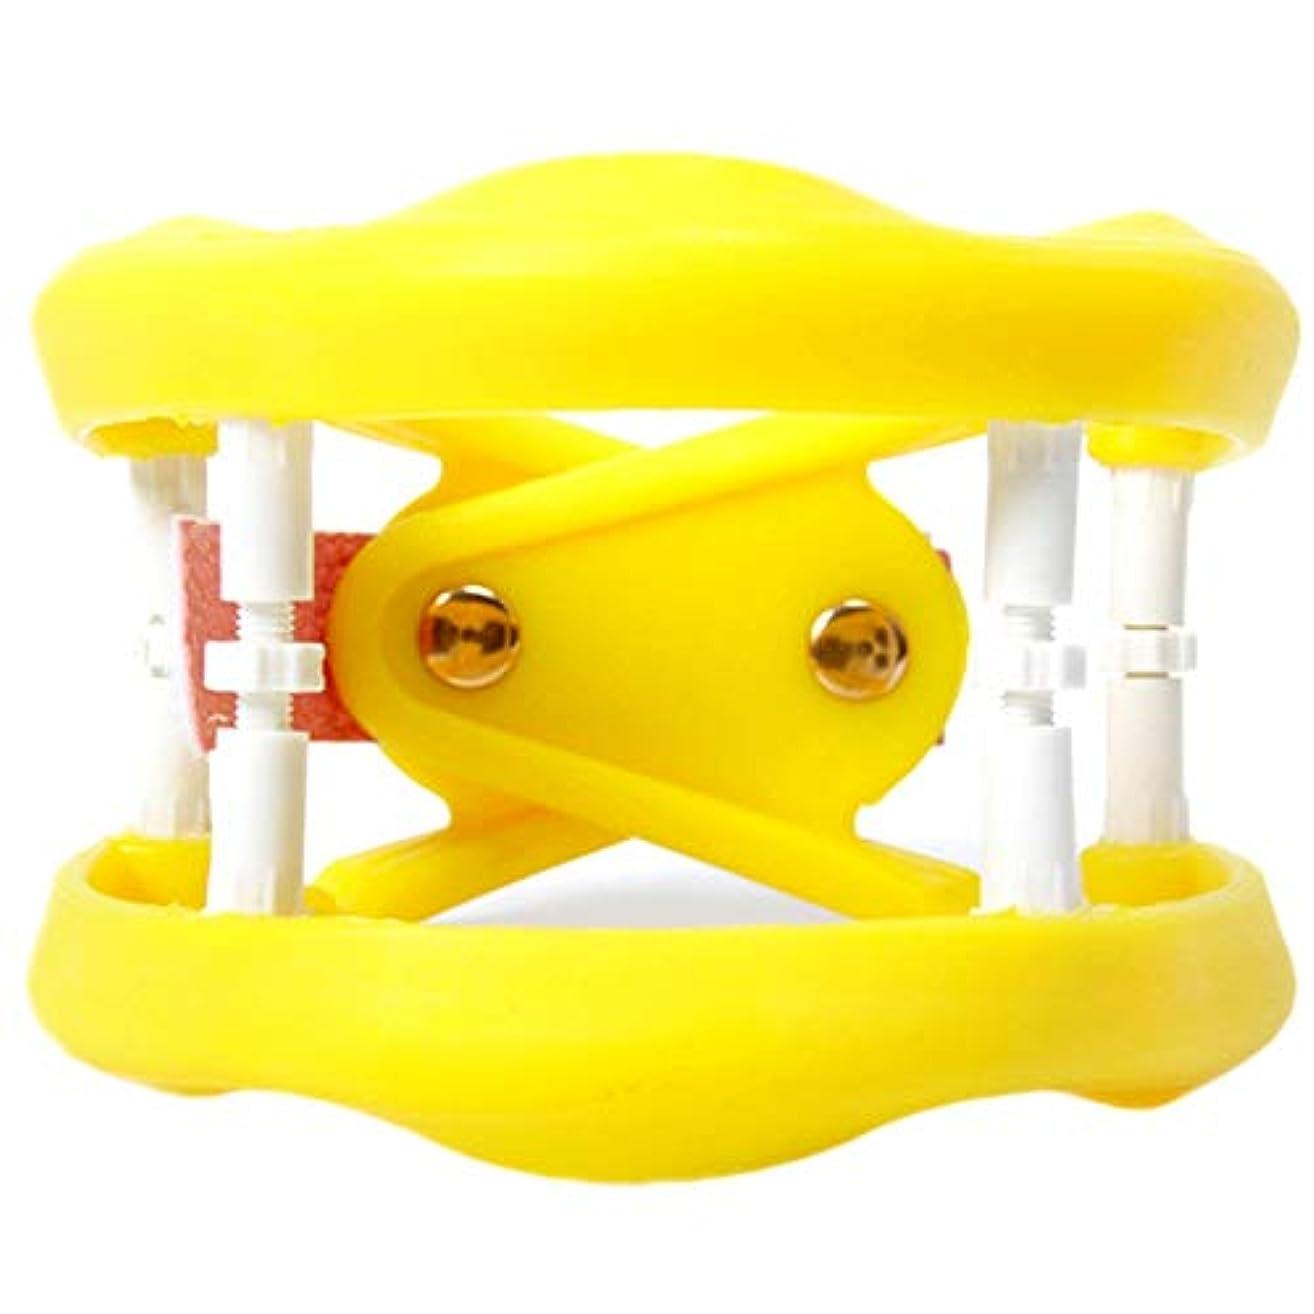 排泄物ピクニック間違いなくSODIAL 調整可能なシリコン頸部牽引フレームネックマッサージ 脊椎ストレッチサポートコレクターマッサージ リラクゼーション